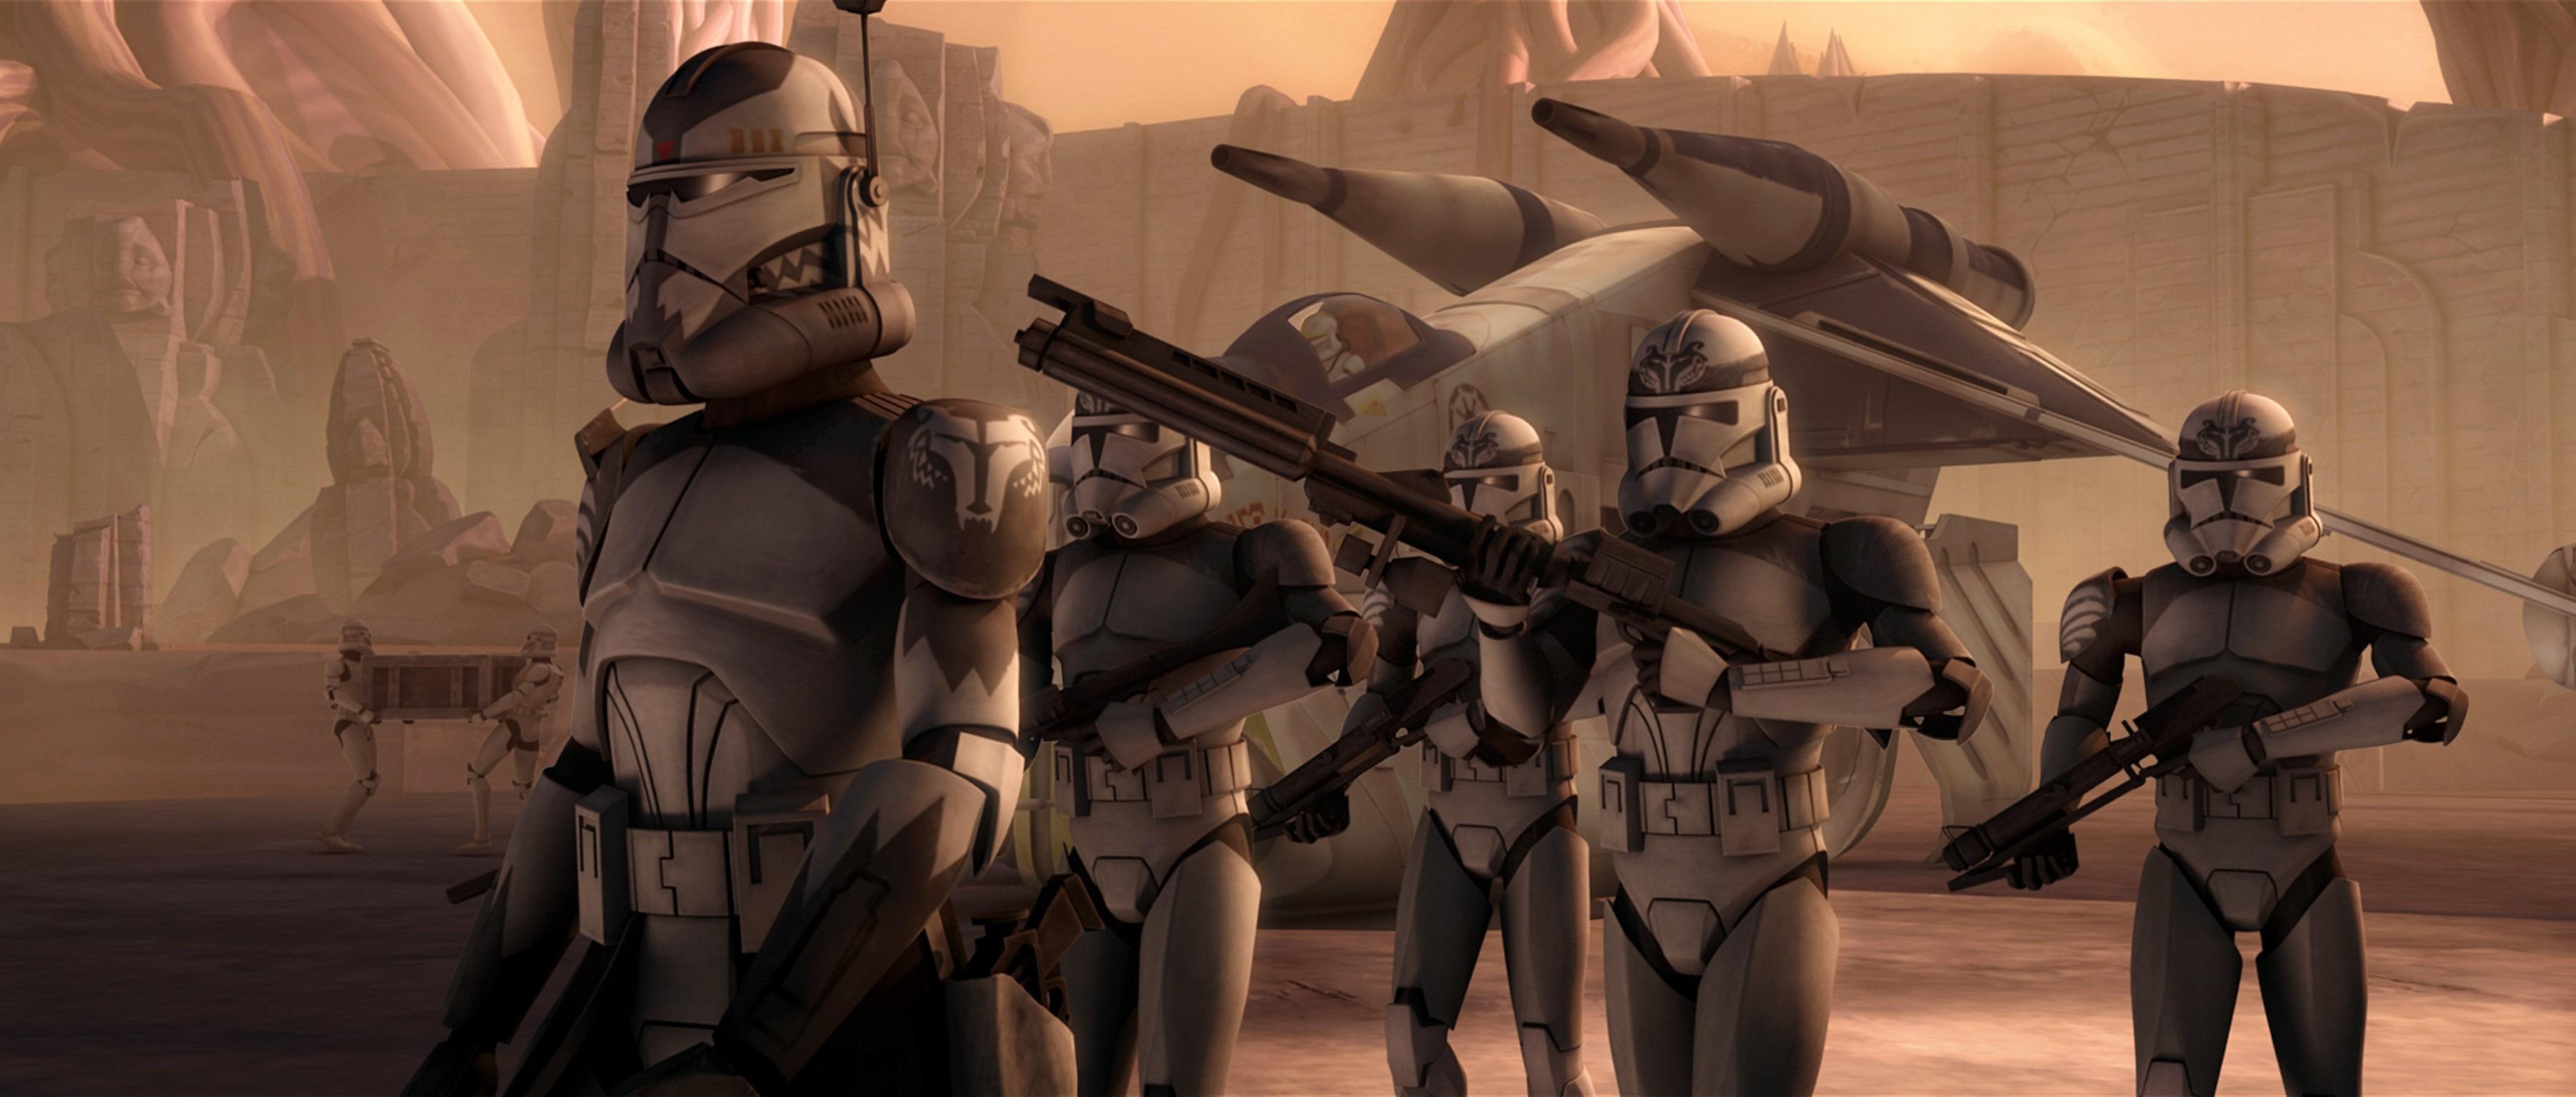 Star Wars Clone Trooper Wallpaper 3600x1533 Wallpaper Teahub Io